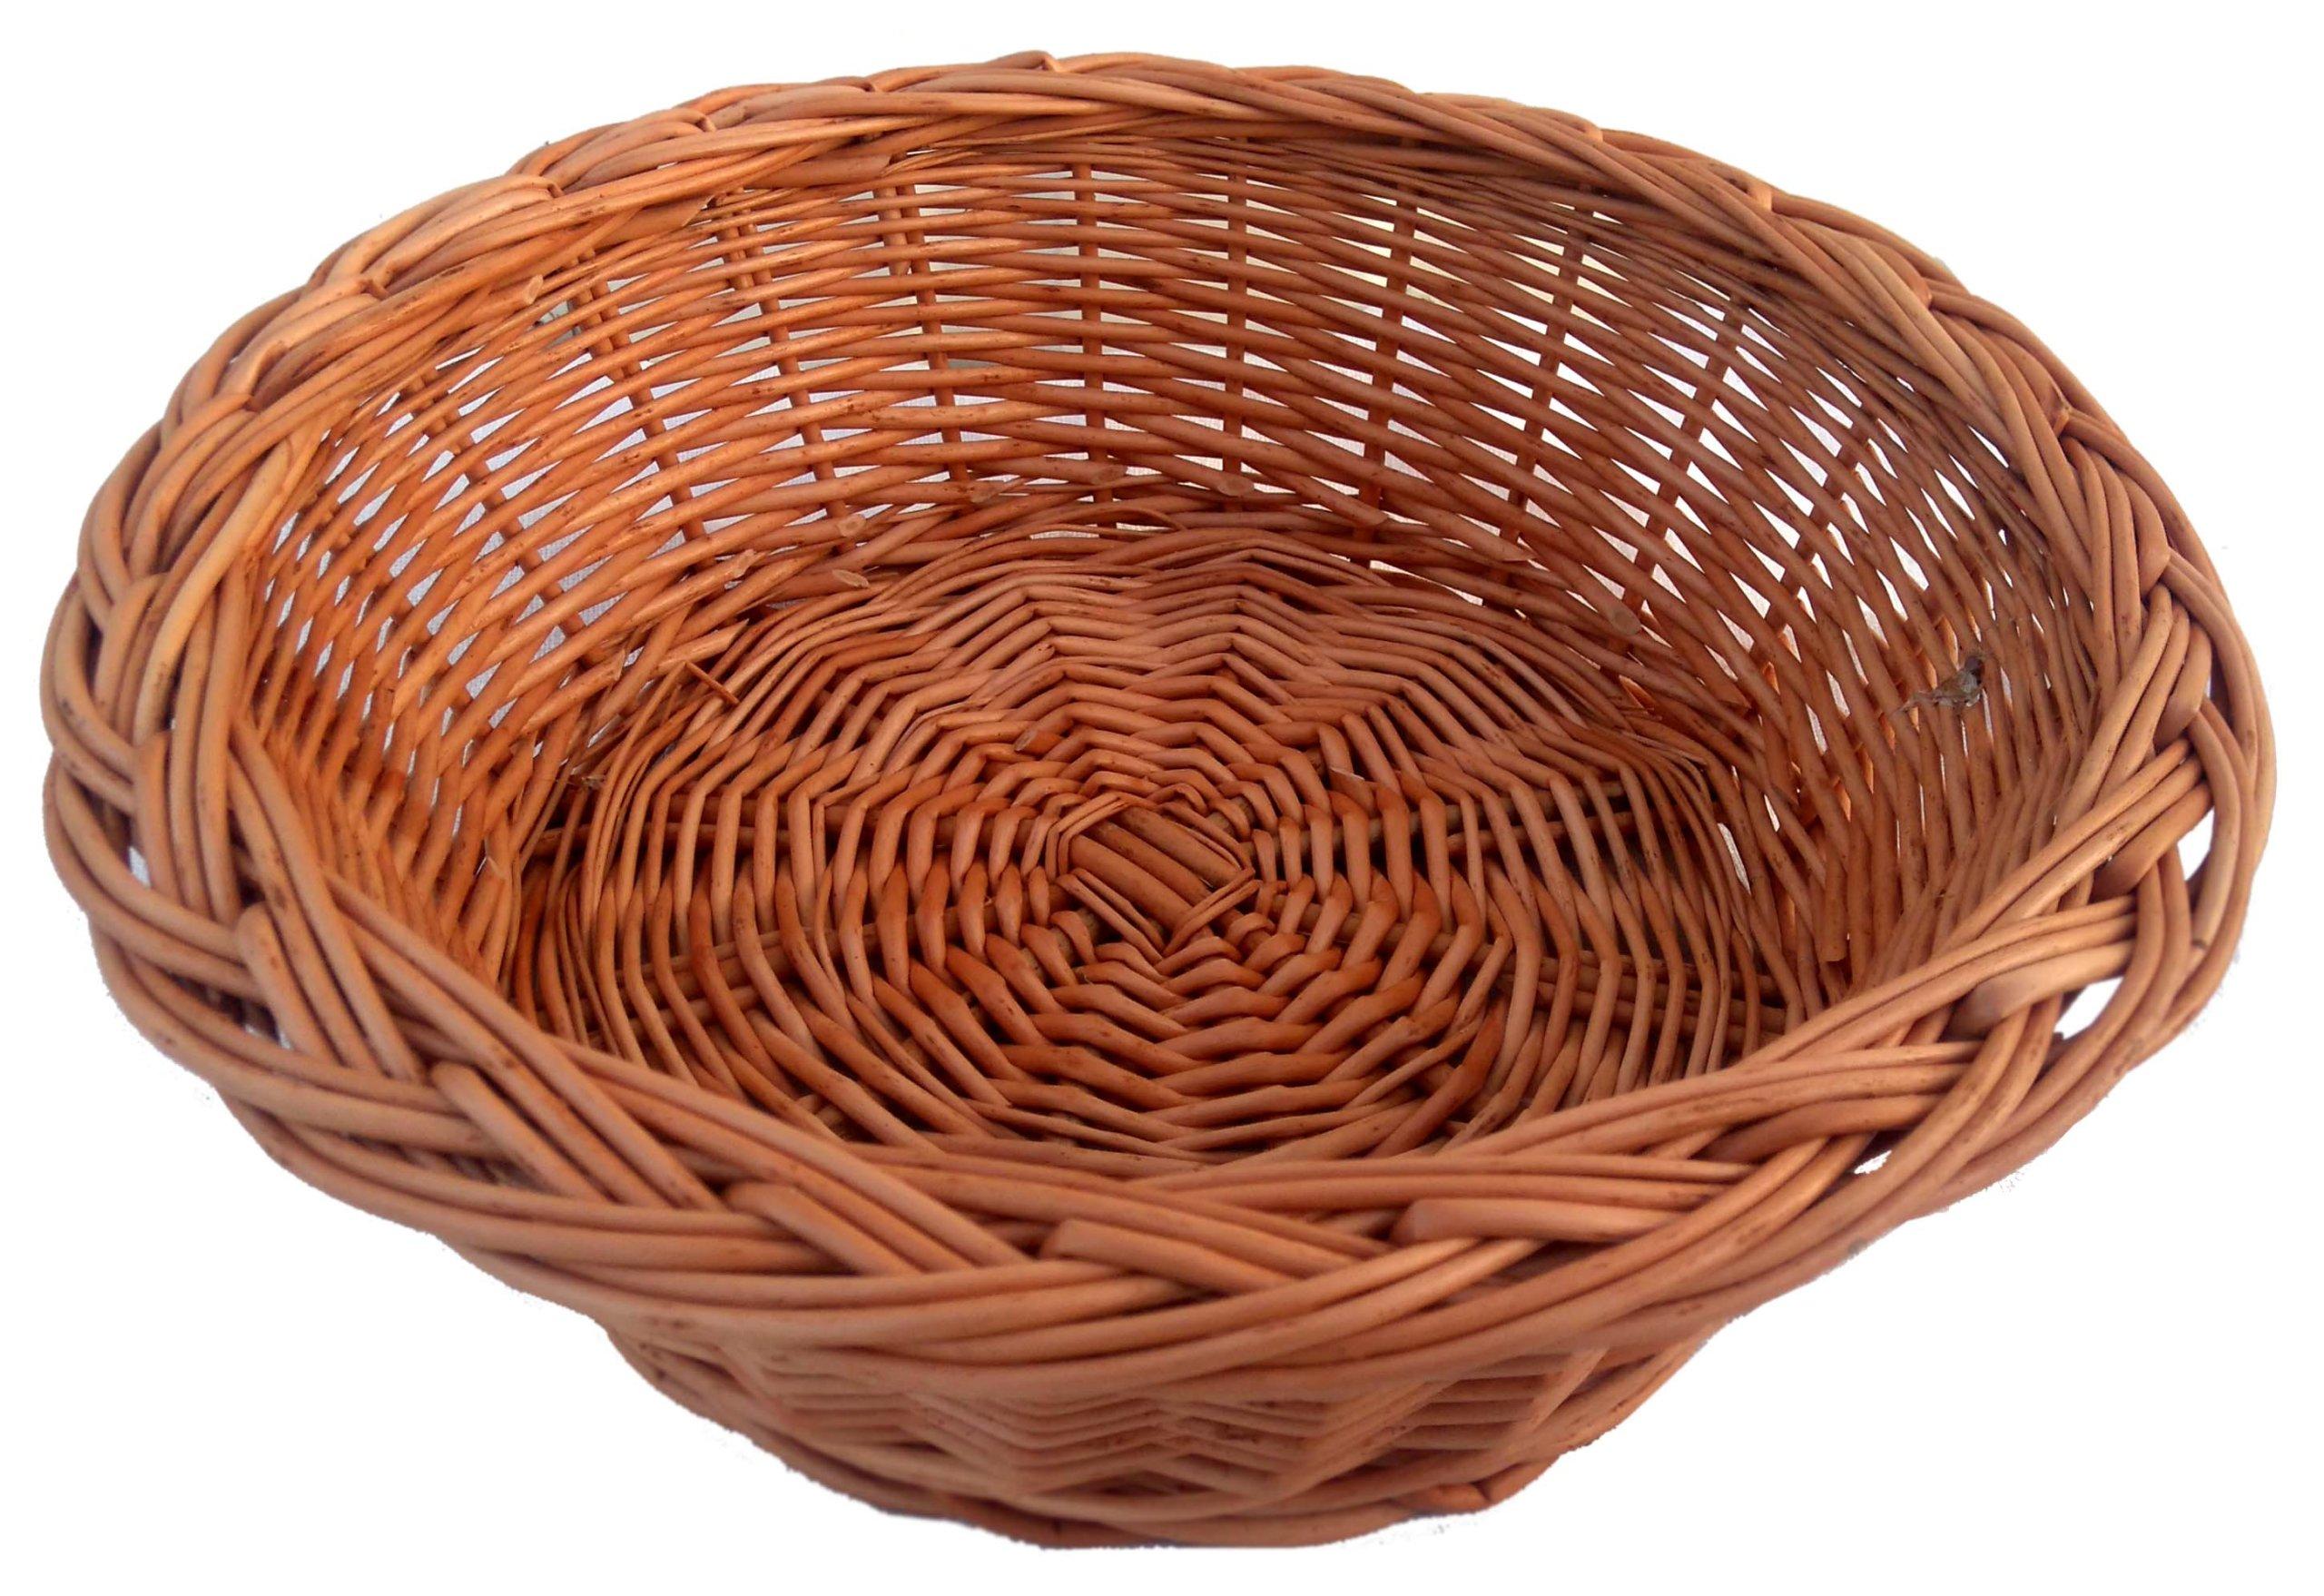 TACA, TACKA Z WIKLINY, wiklinowa (28 cm) koszyczek